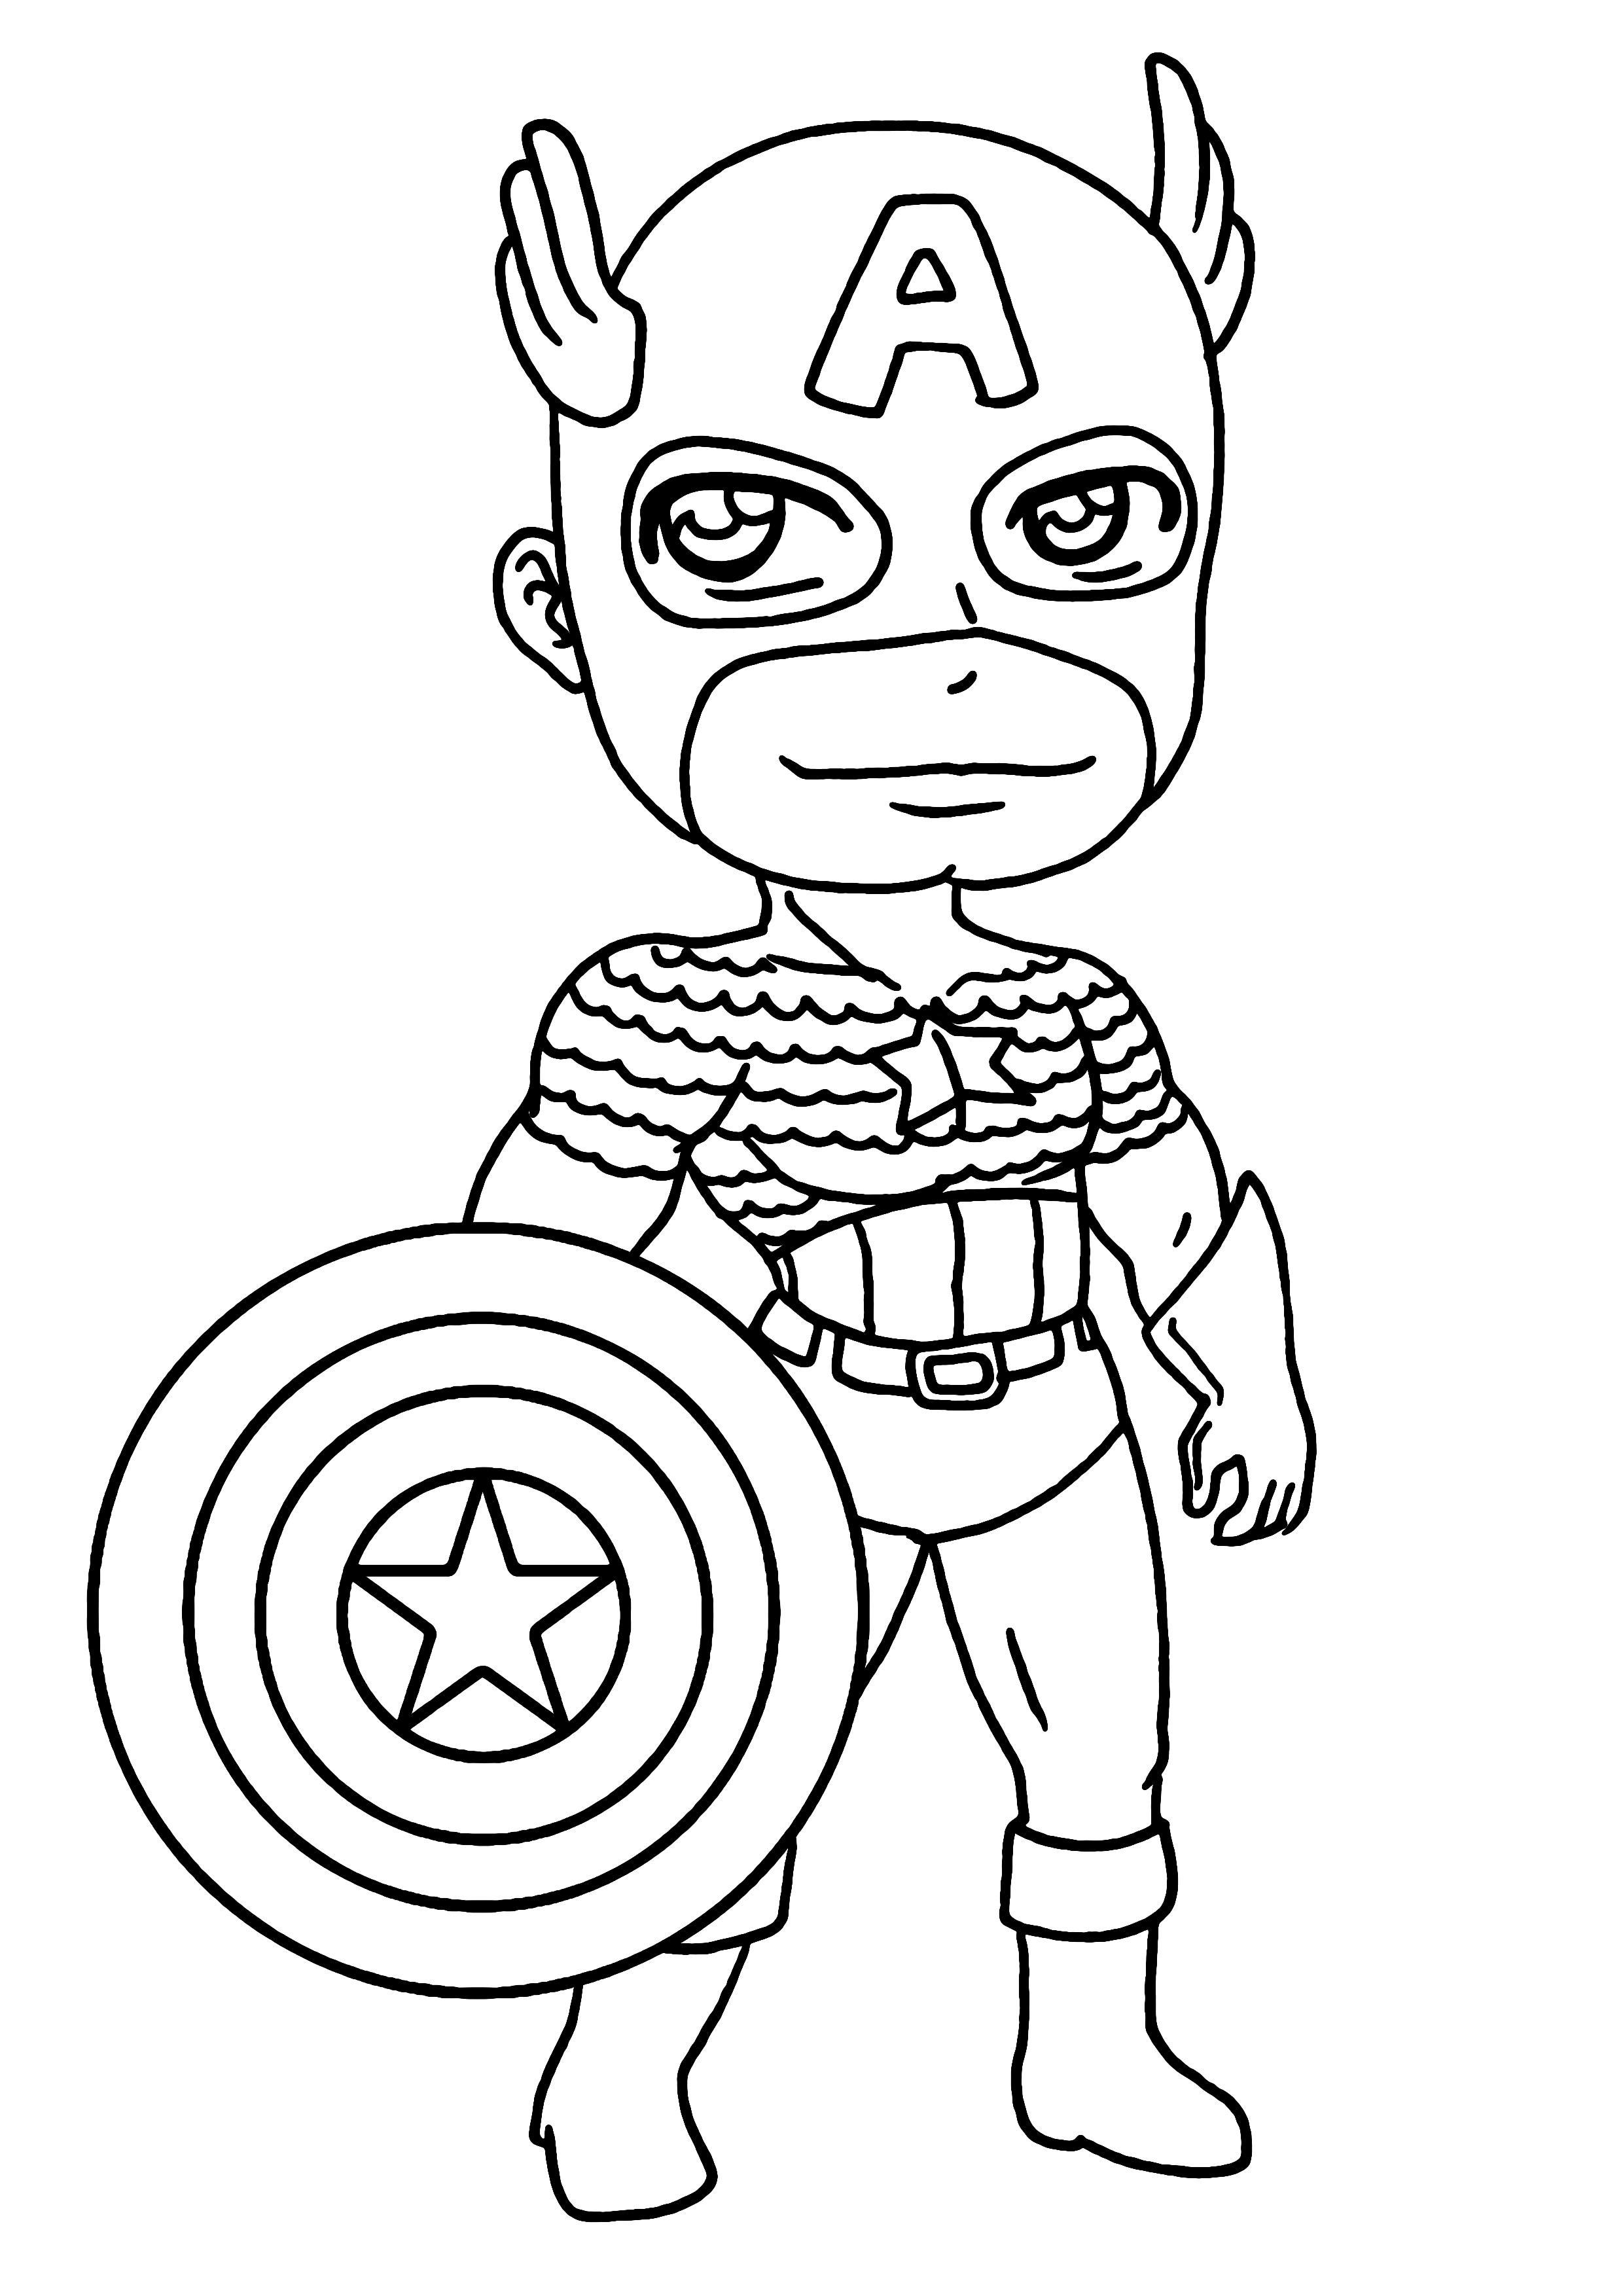 Modele coloriage dessiner captain america - Modele coloriage ...